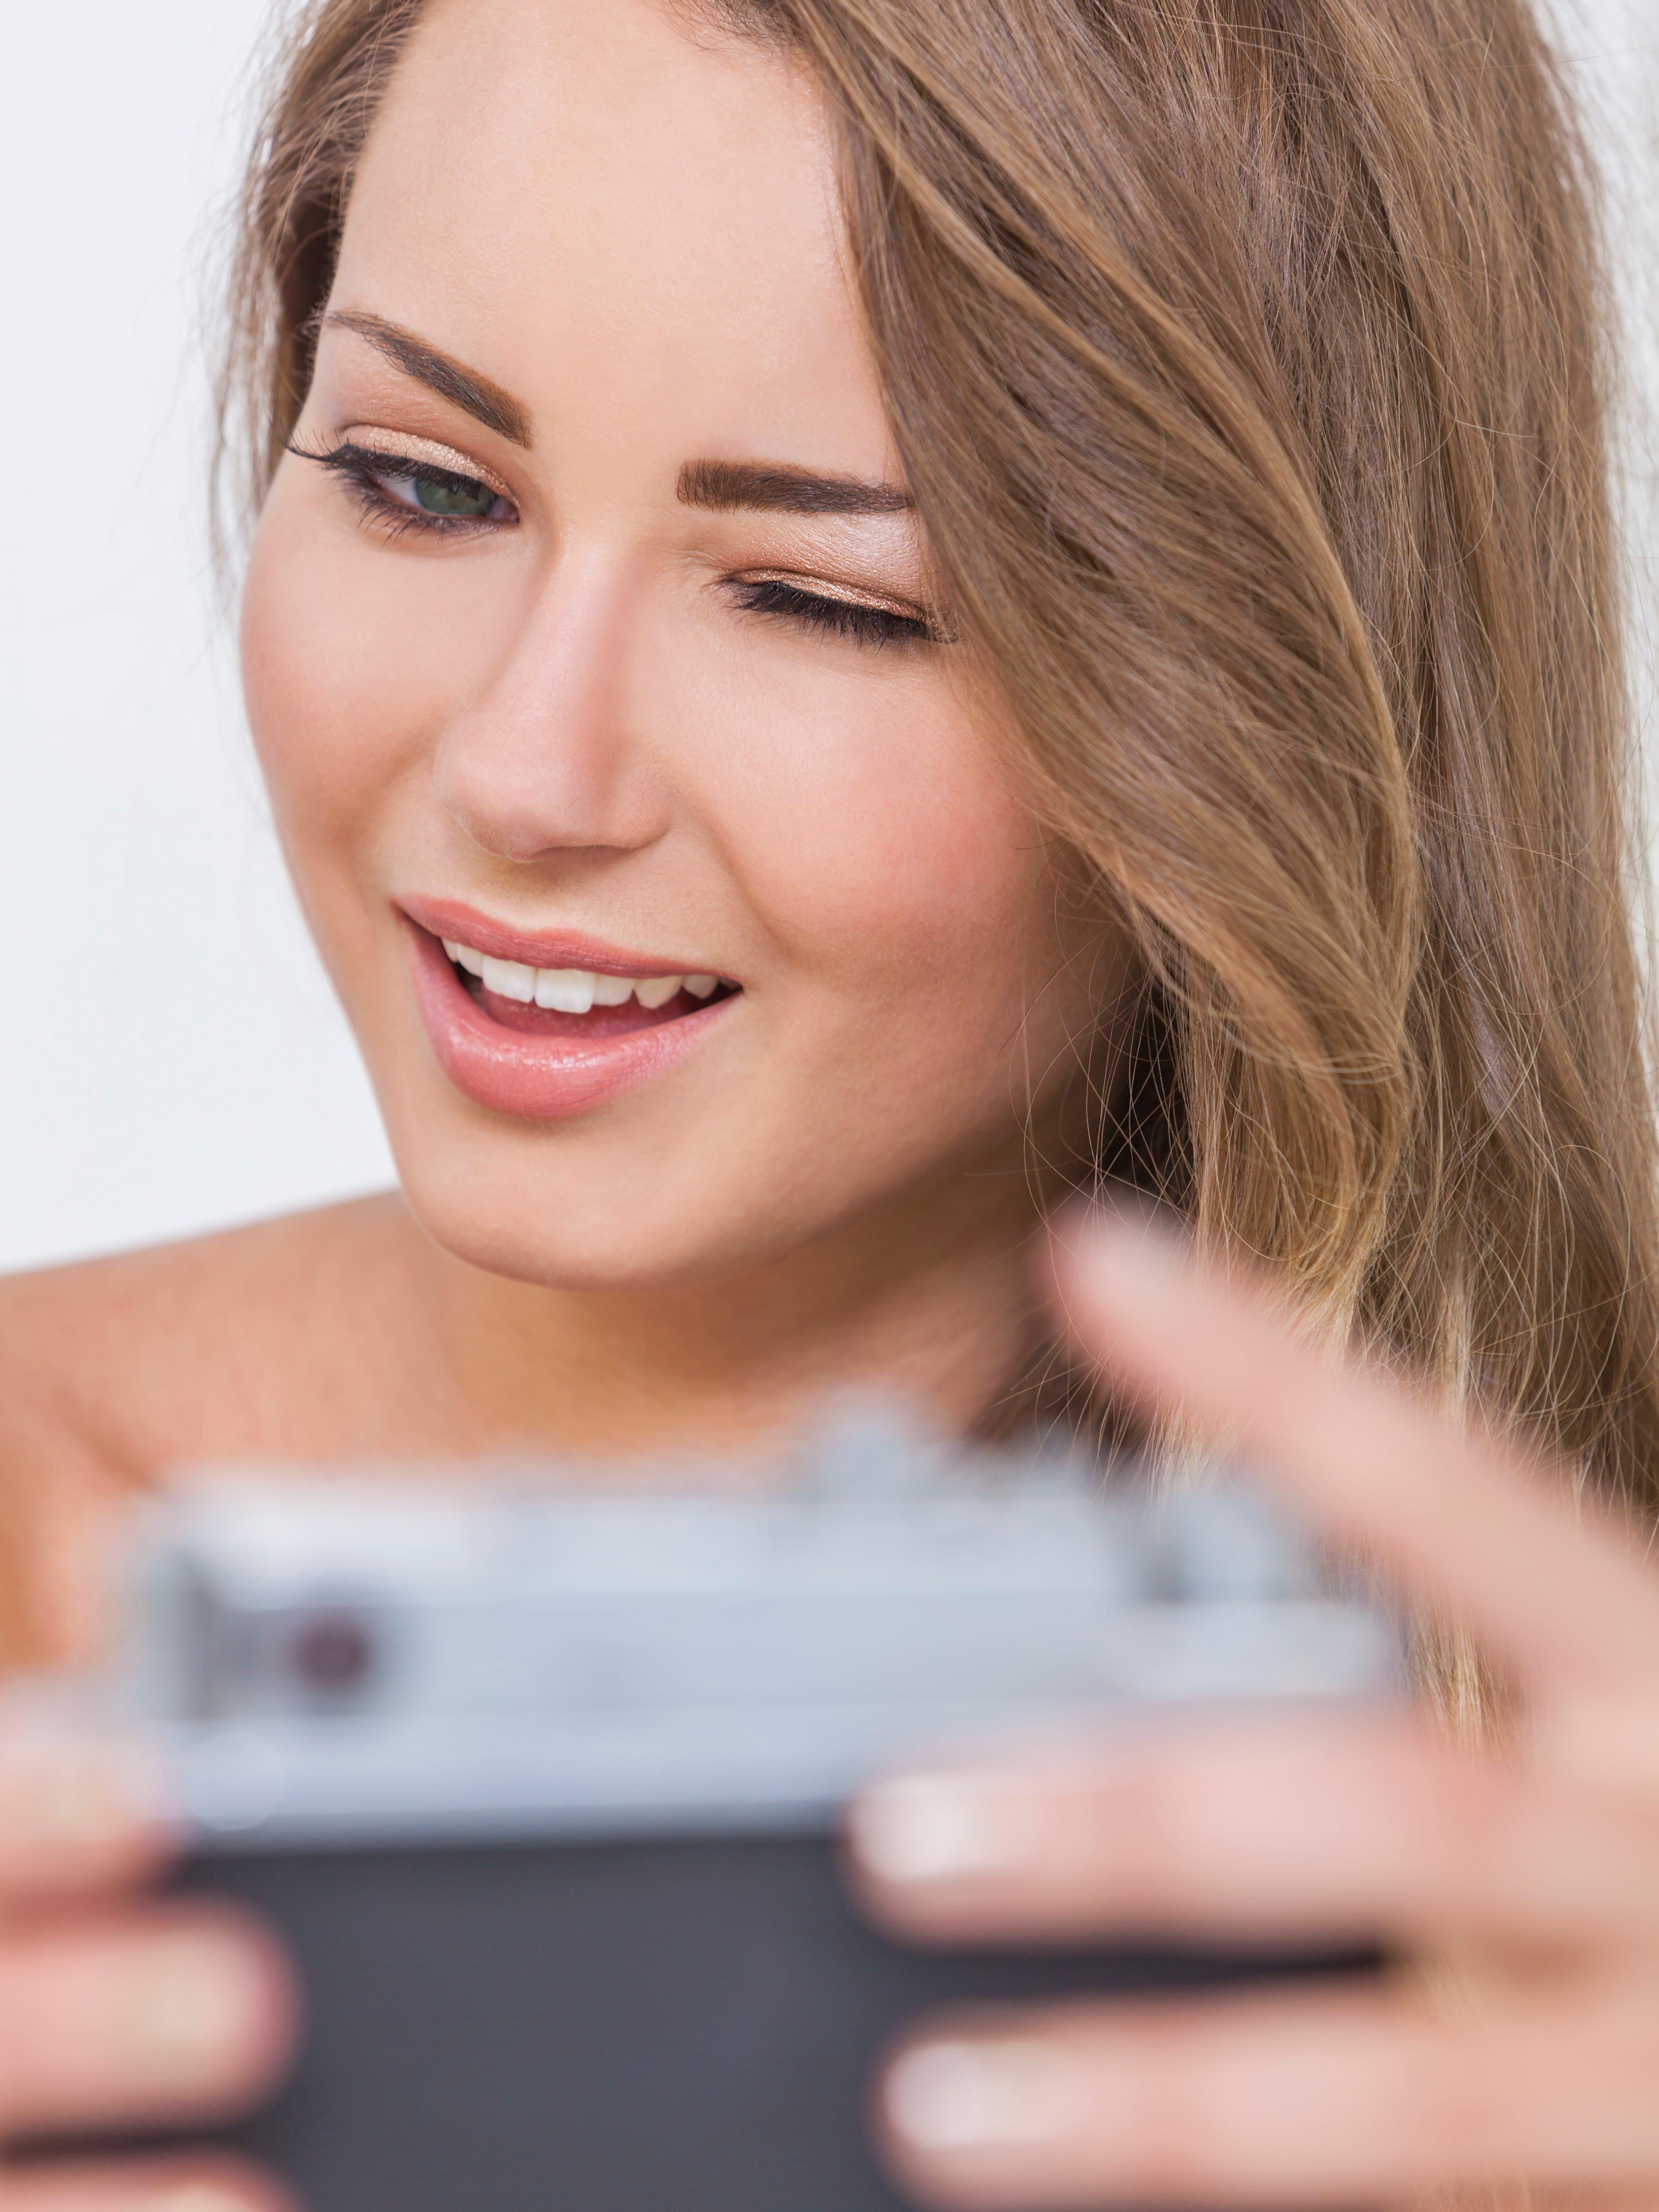 Teenagere piger nude billeder